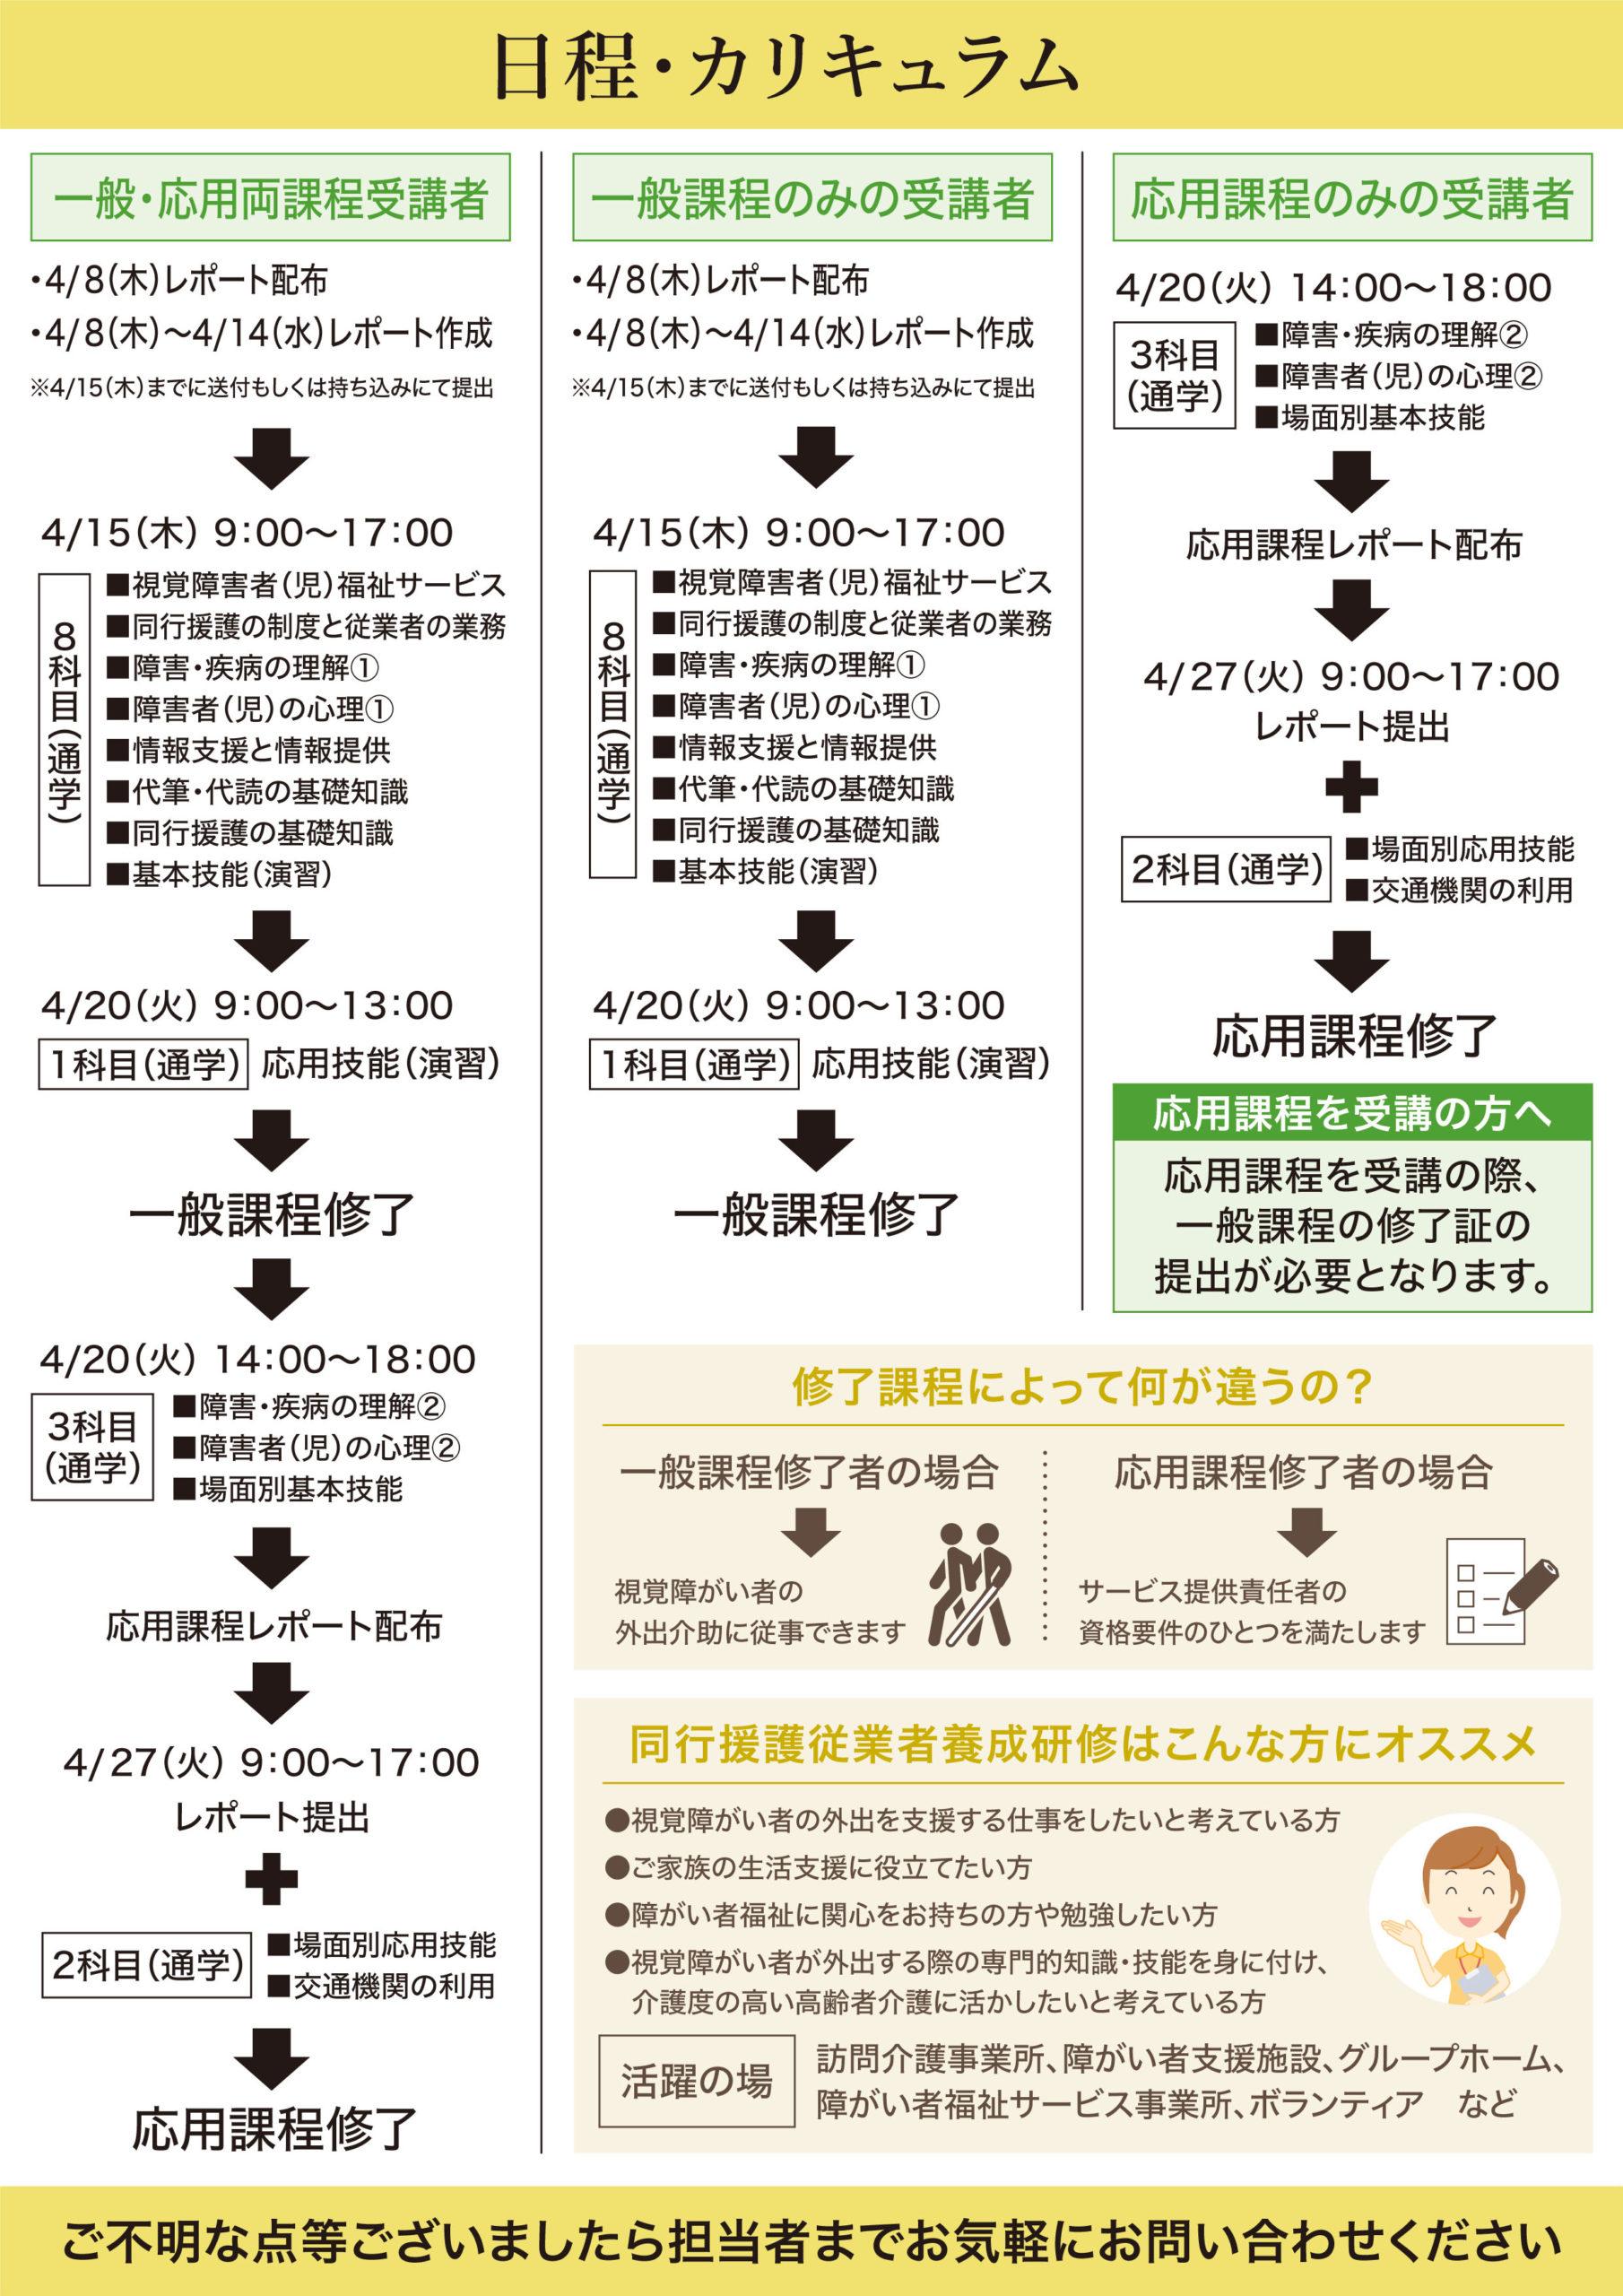 同行援護研修チラシ(2021-04)-裏